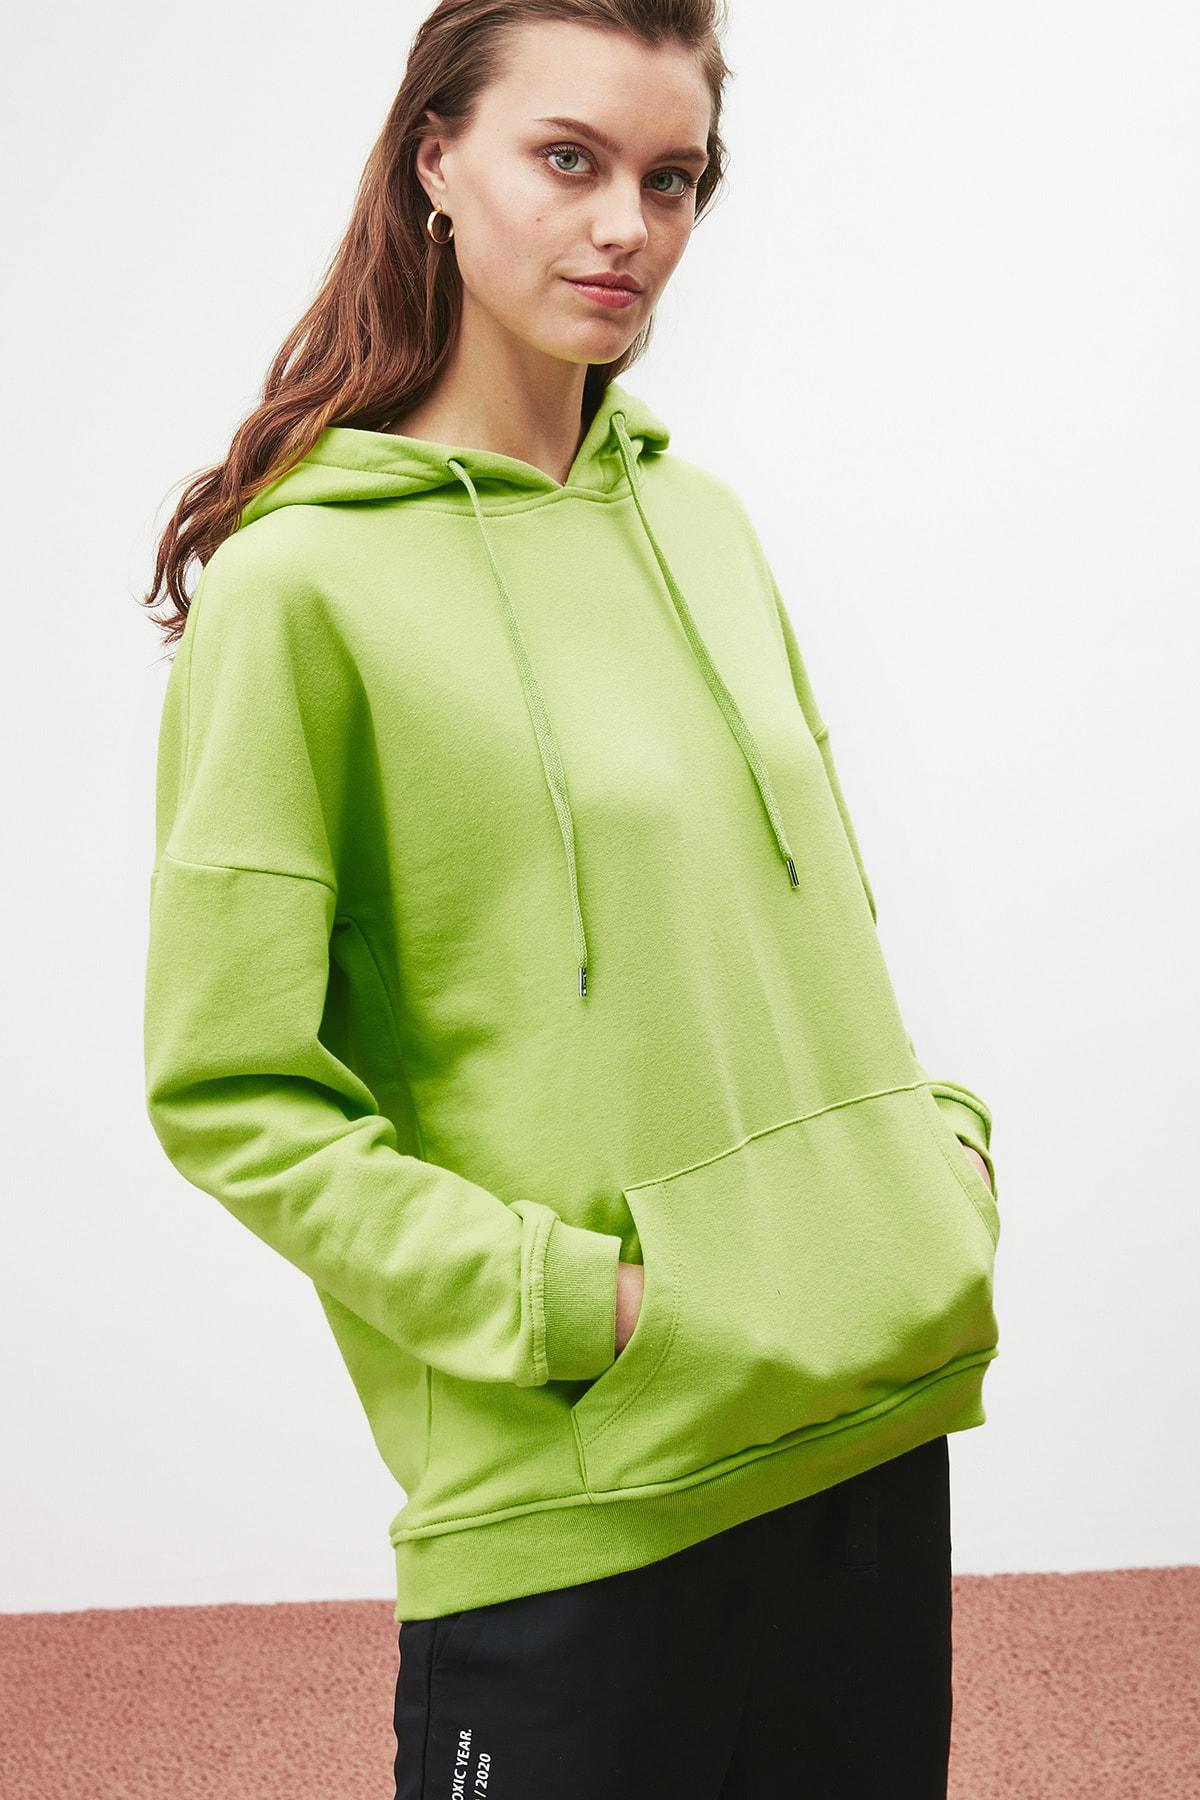 GRIMELANGE JANE Kadın Fıstık Yeşili Basic Kapüşonlu Sweatshirt 3